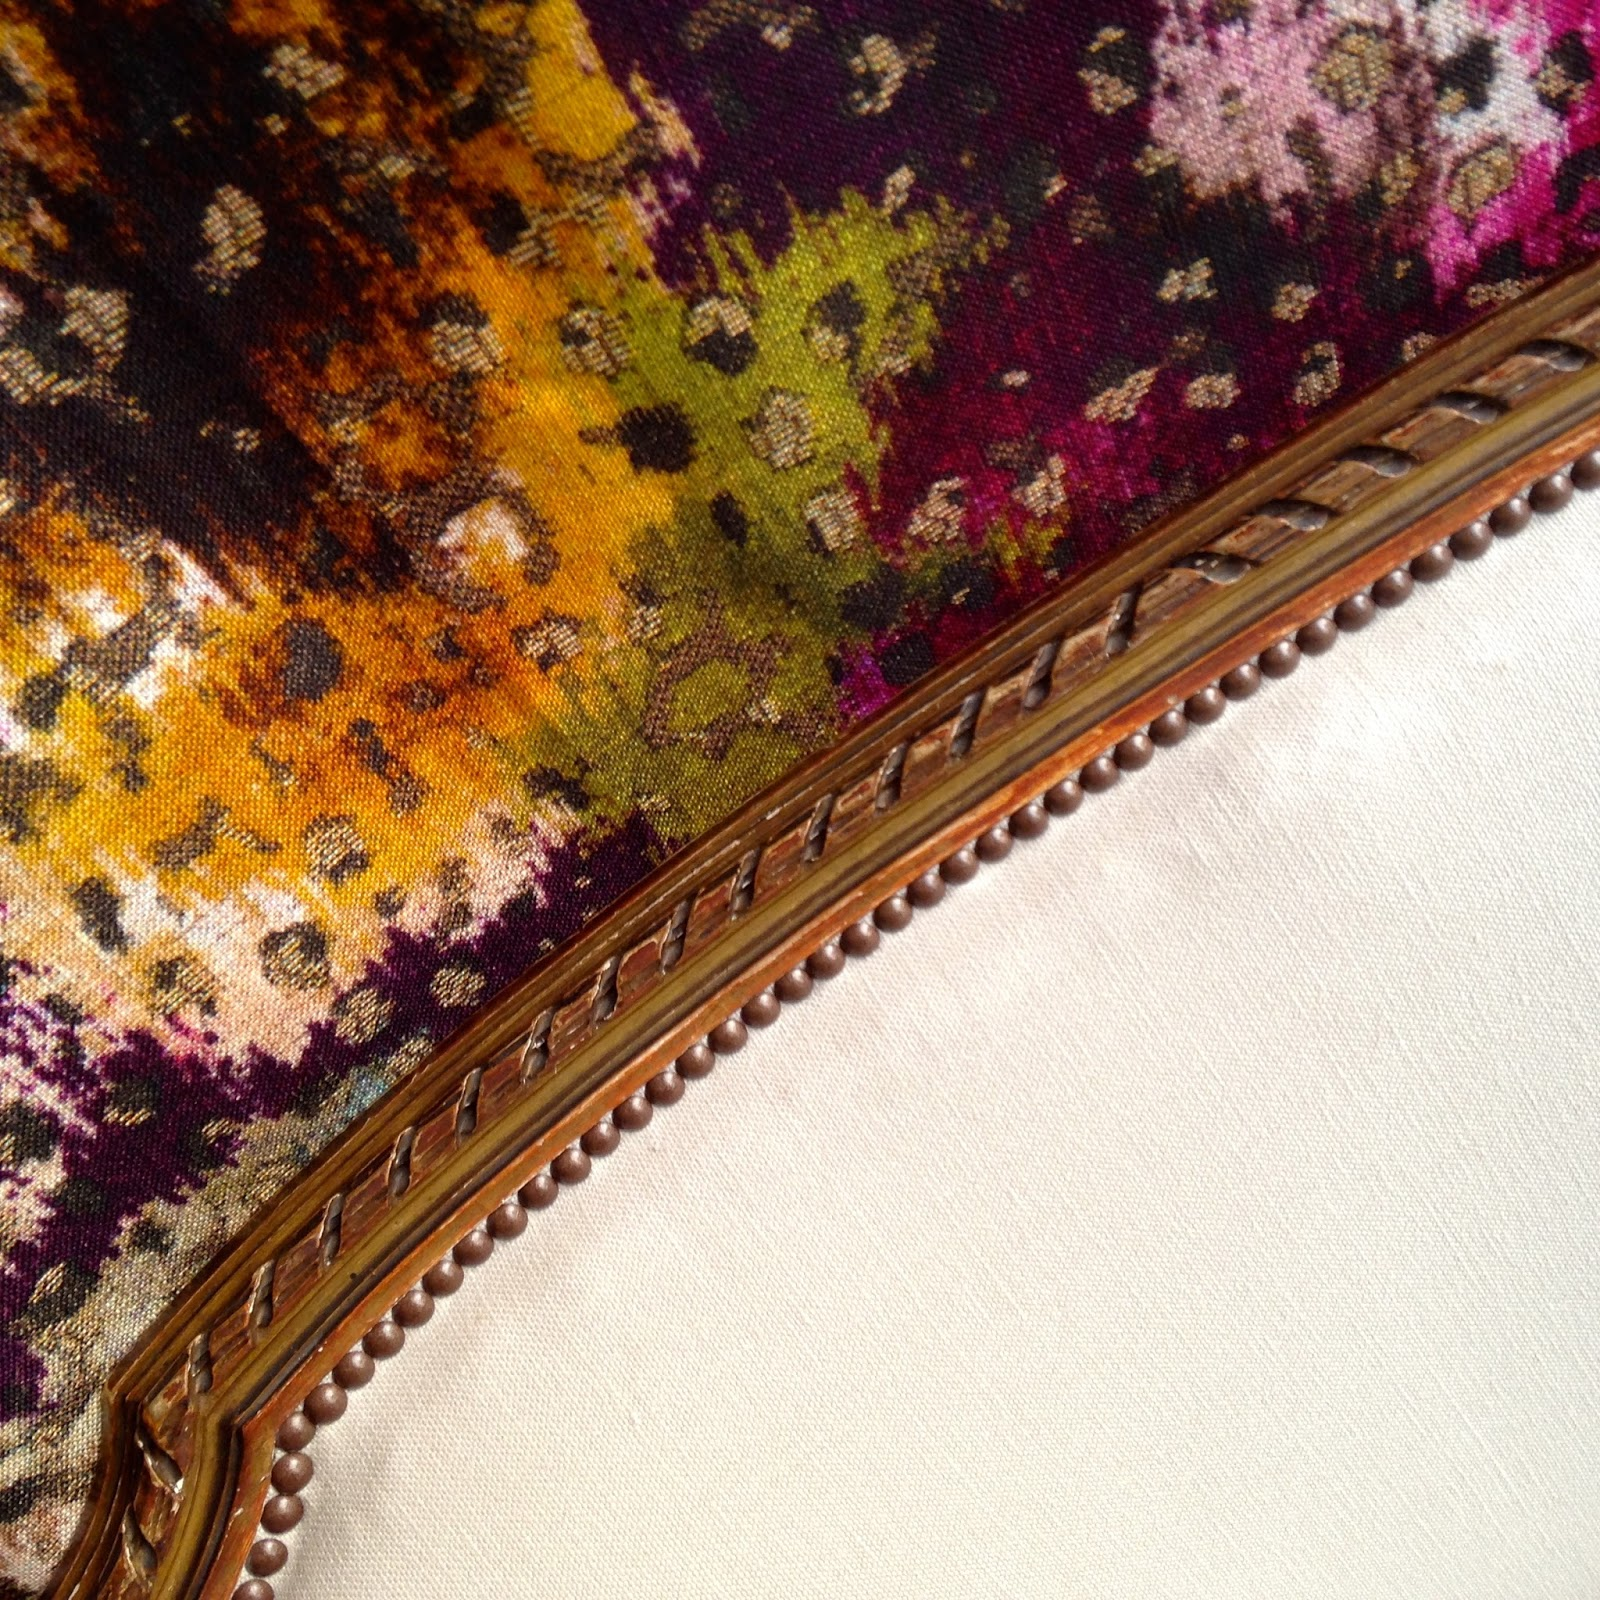 atelier anne lavit artisan tapissier d corateur 69007 lyon ottomane. Black Bedroom Furniture Sets. Home Design Ideas